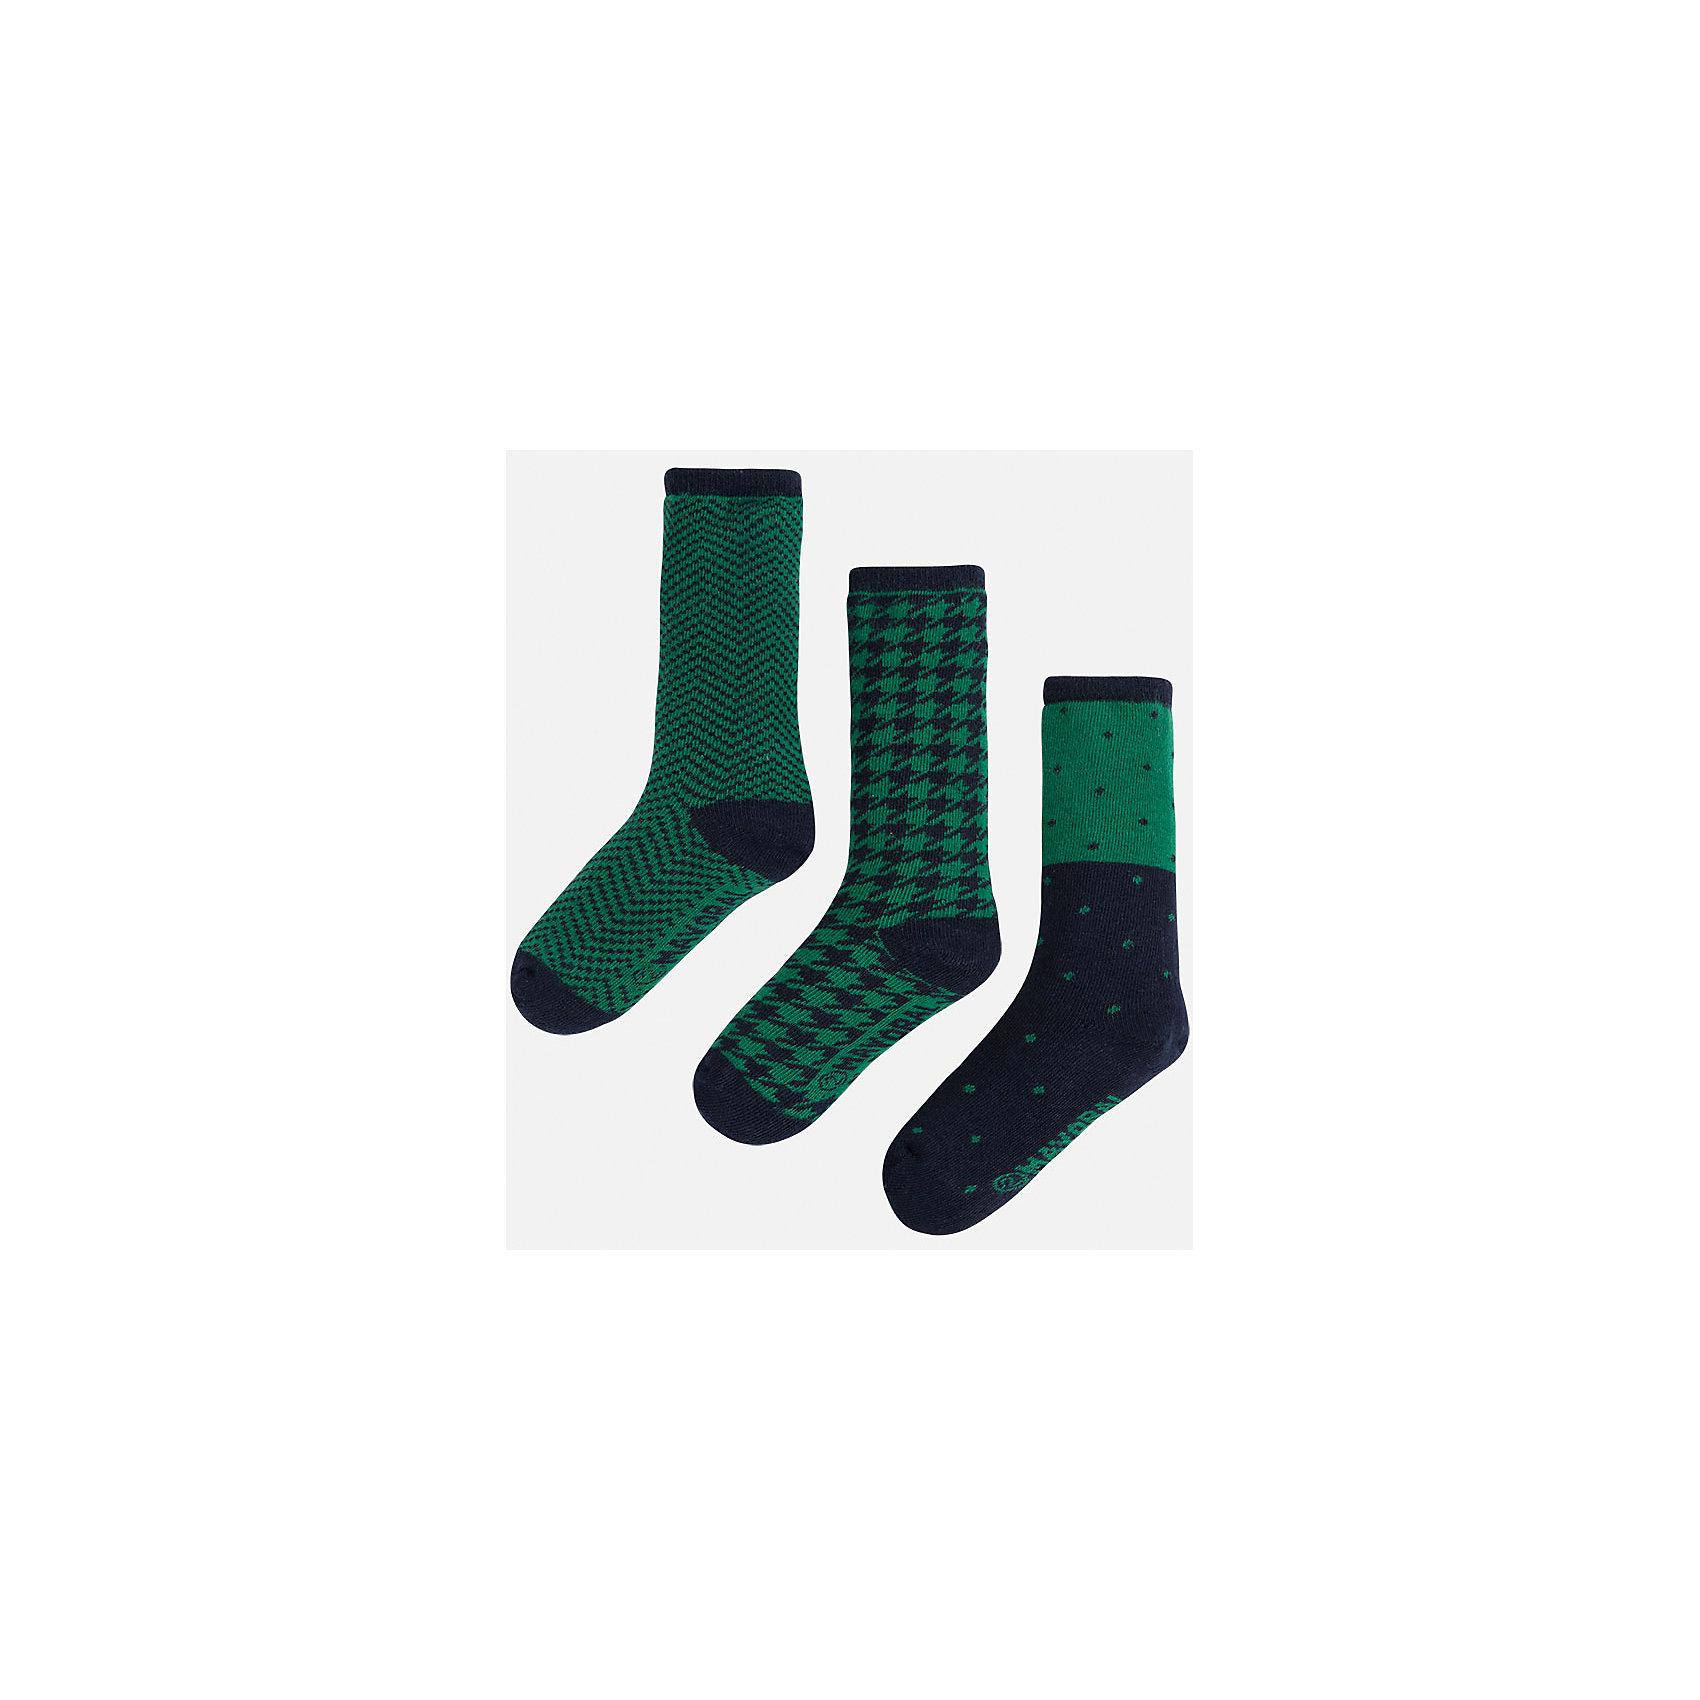 Носки для мальчика, 3 парыНоски<br>Комплект из 3 пар носков для мальчика от известного испанского бренда Mayoral. Каждая пара имеет разную расцветку и сделана из качественных дышащих материалов.<br>Дополнительная информация:<br>-цвет: зеленый, черный<br>Состав: 72% хлопок, 25% полиамид, 3% эластан<br>Комплект носков Mayoral можно приобрести в нашем интернет-магазине.<br><br>Ширина мм: 87<br>Глубина мм: 10<br>Высота мм: 105<br>Вес г: 115<br>Цвет: зеленый<br>Возраст от месяцев: 84<br>Возраст до месяцев: 96<br>Пол: Мужской<br>Возраст: Детский<br>Размер: 8,6,4<br>SKU: 4820113